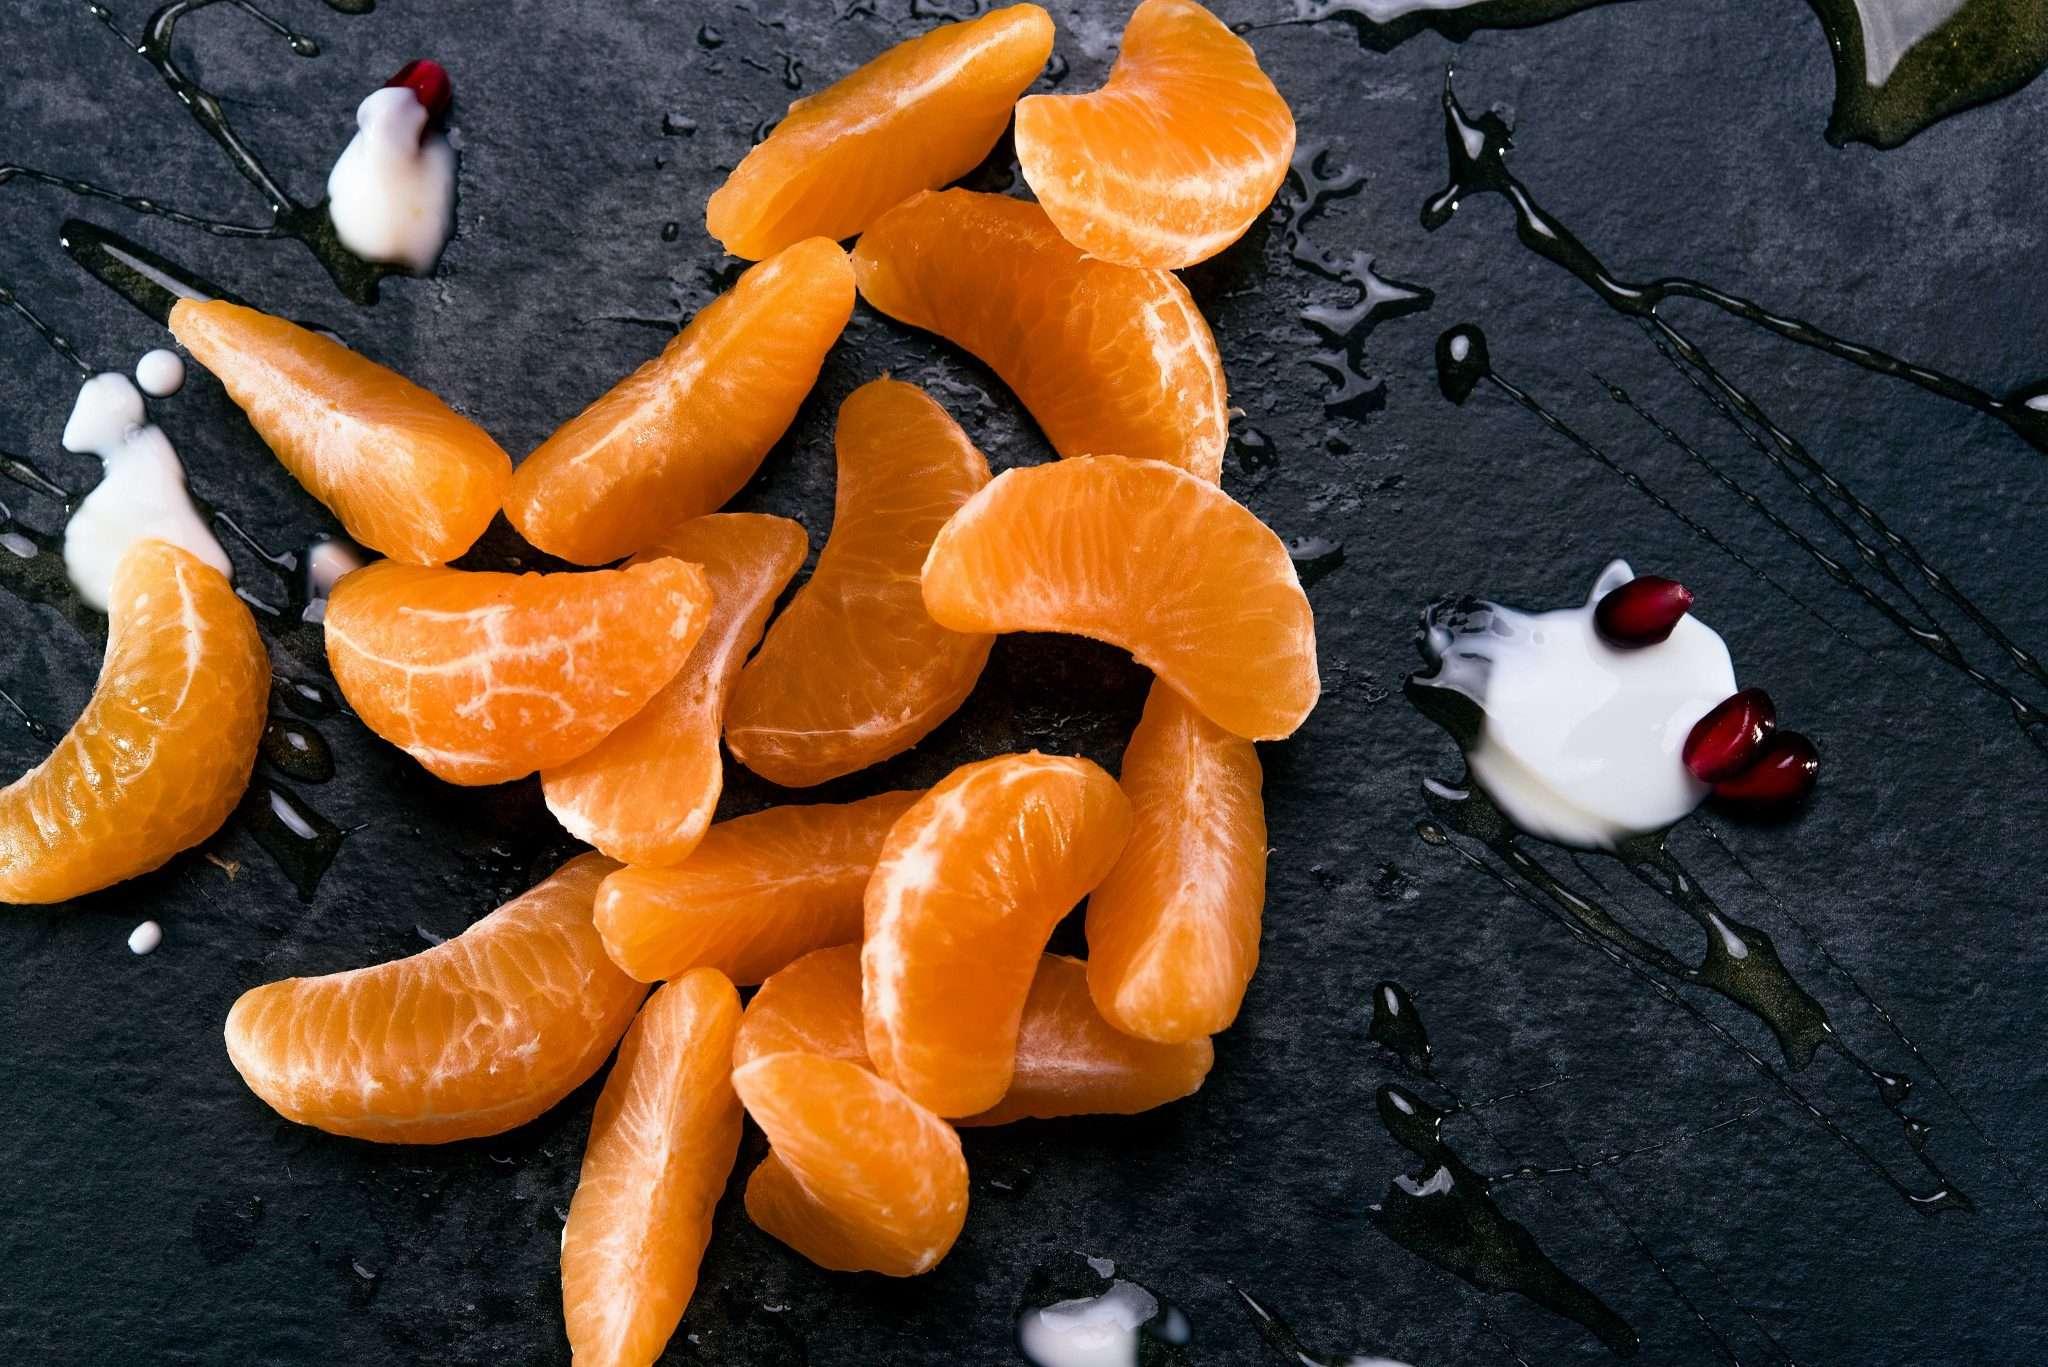 Fotografia still life food mandarino realizzata da Barbara Trincone Fotografo professionista pubblicitario freelance con studio privato a Pozzuoli Napoli, specializzato in Still life, Food, Beverage, Drink